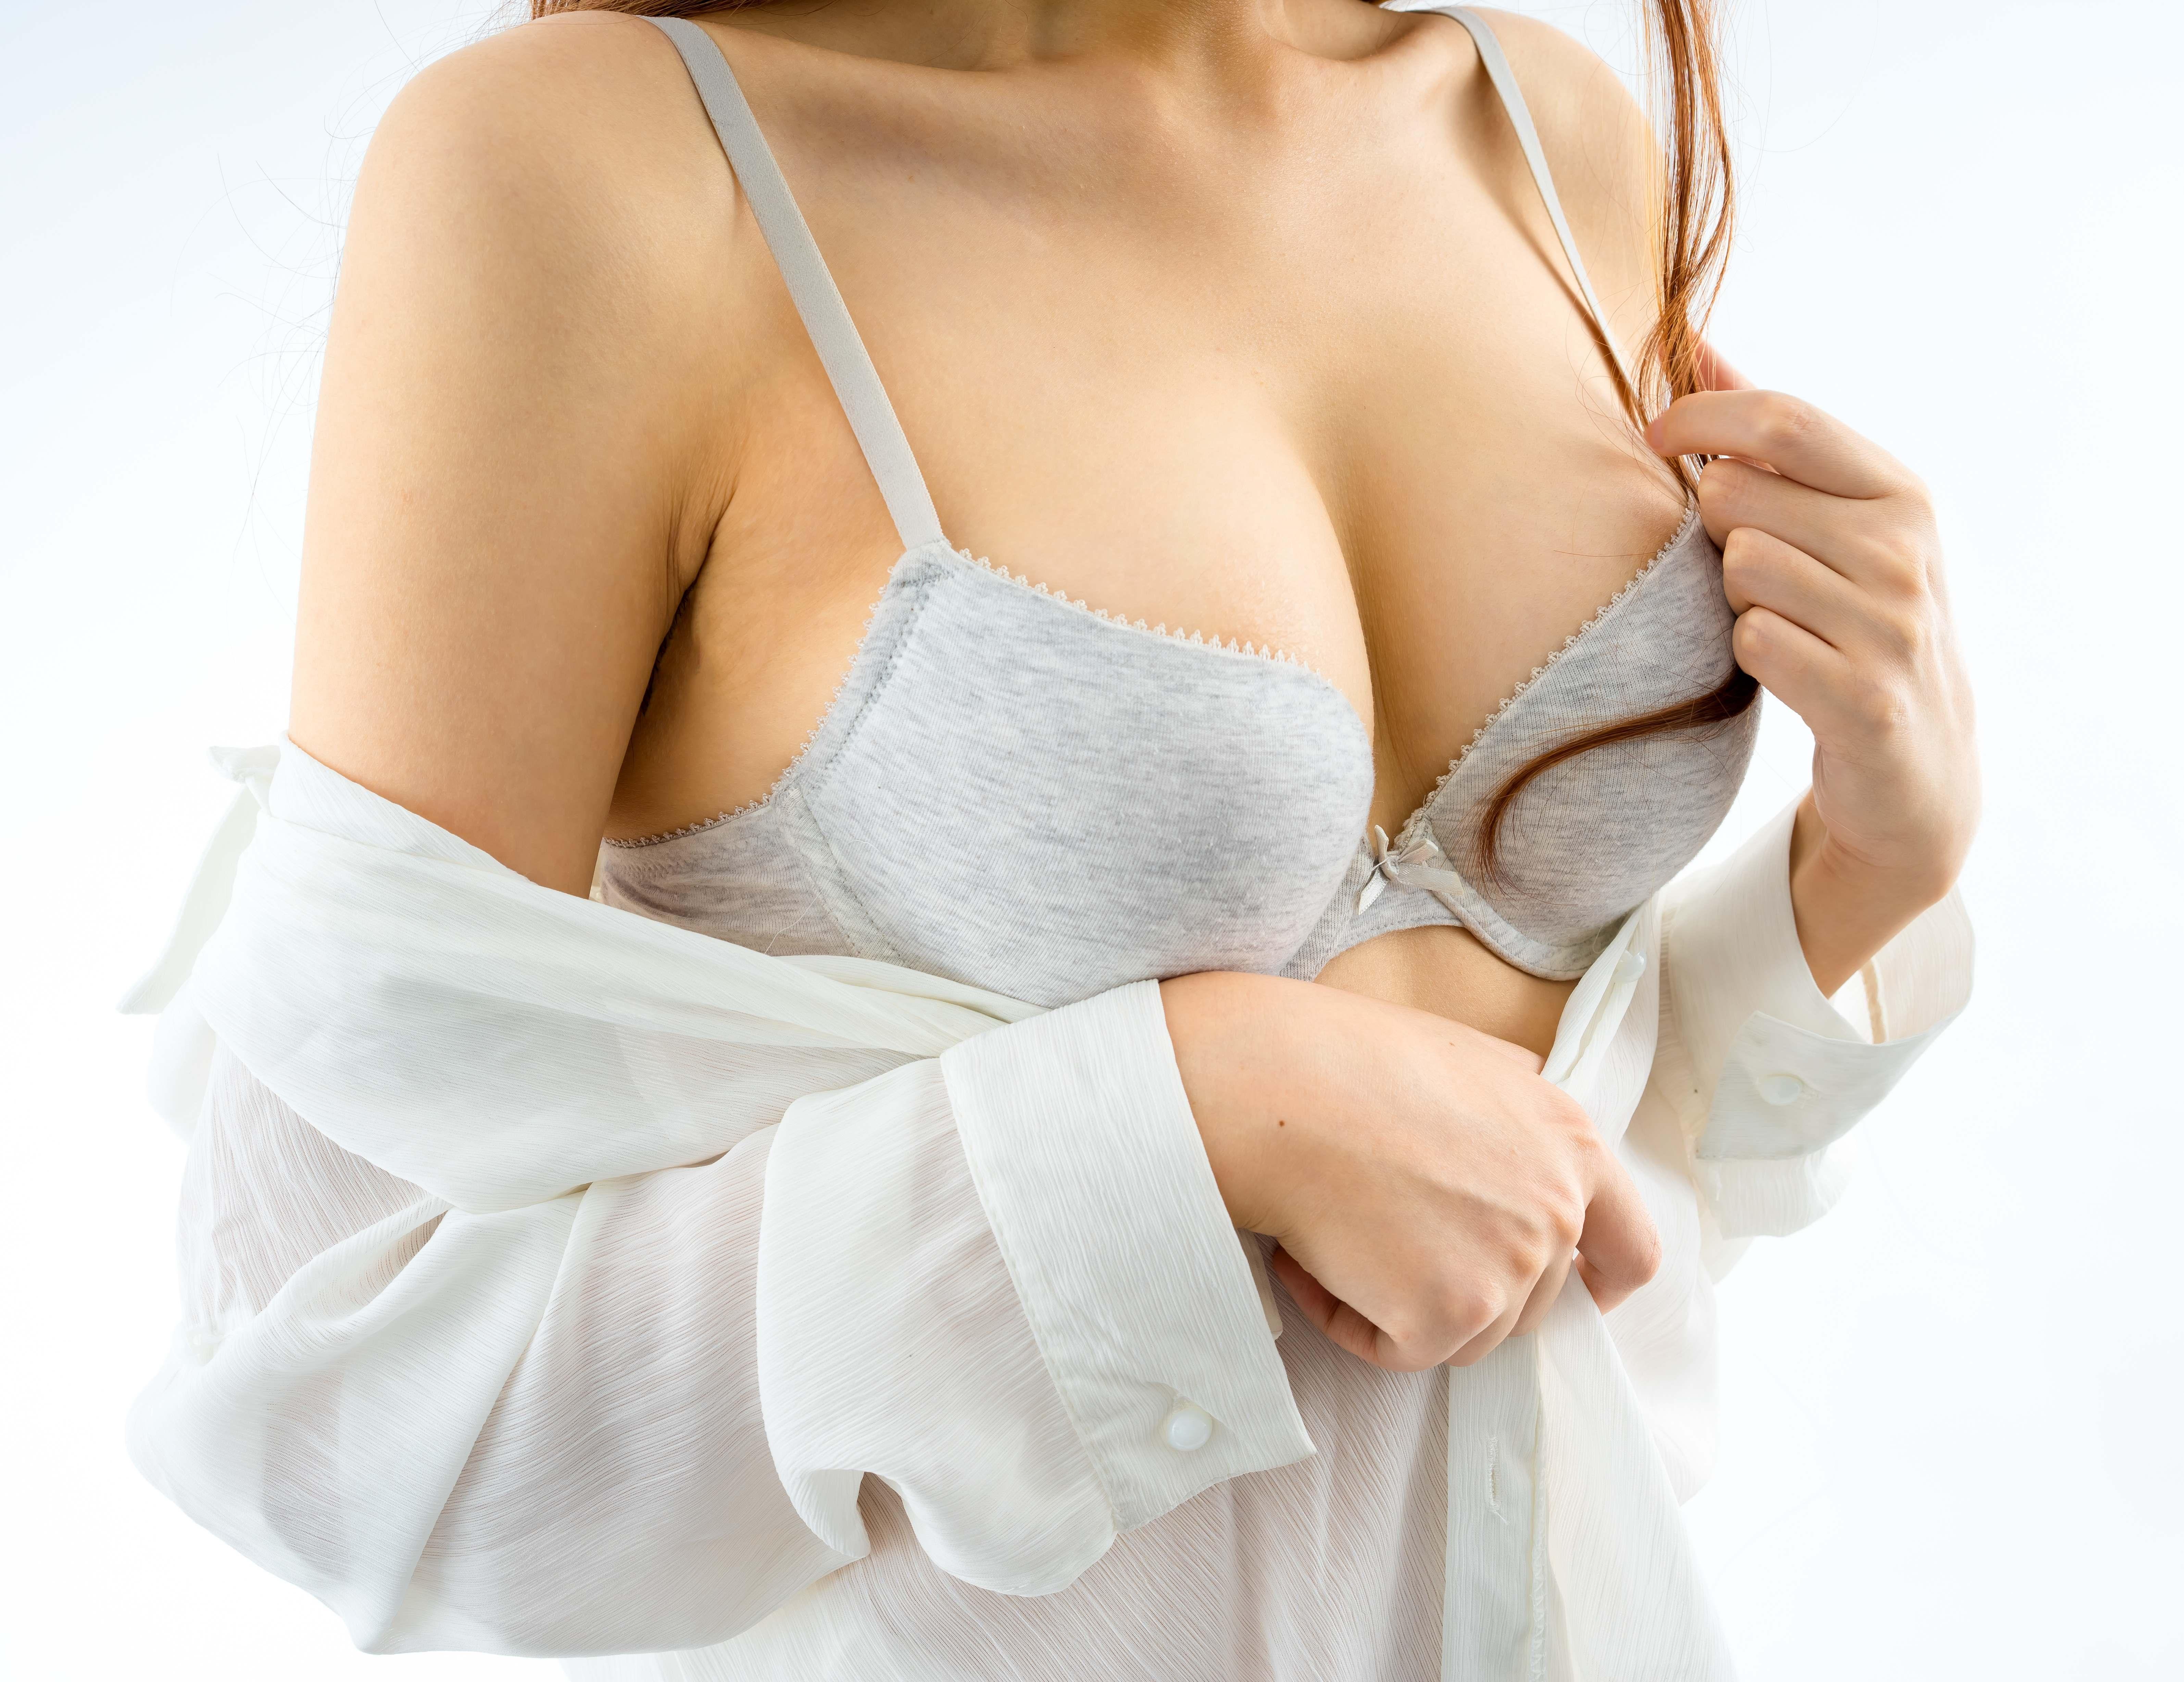 Verrassend: dit soort borsten zien mannen het liefst